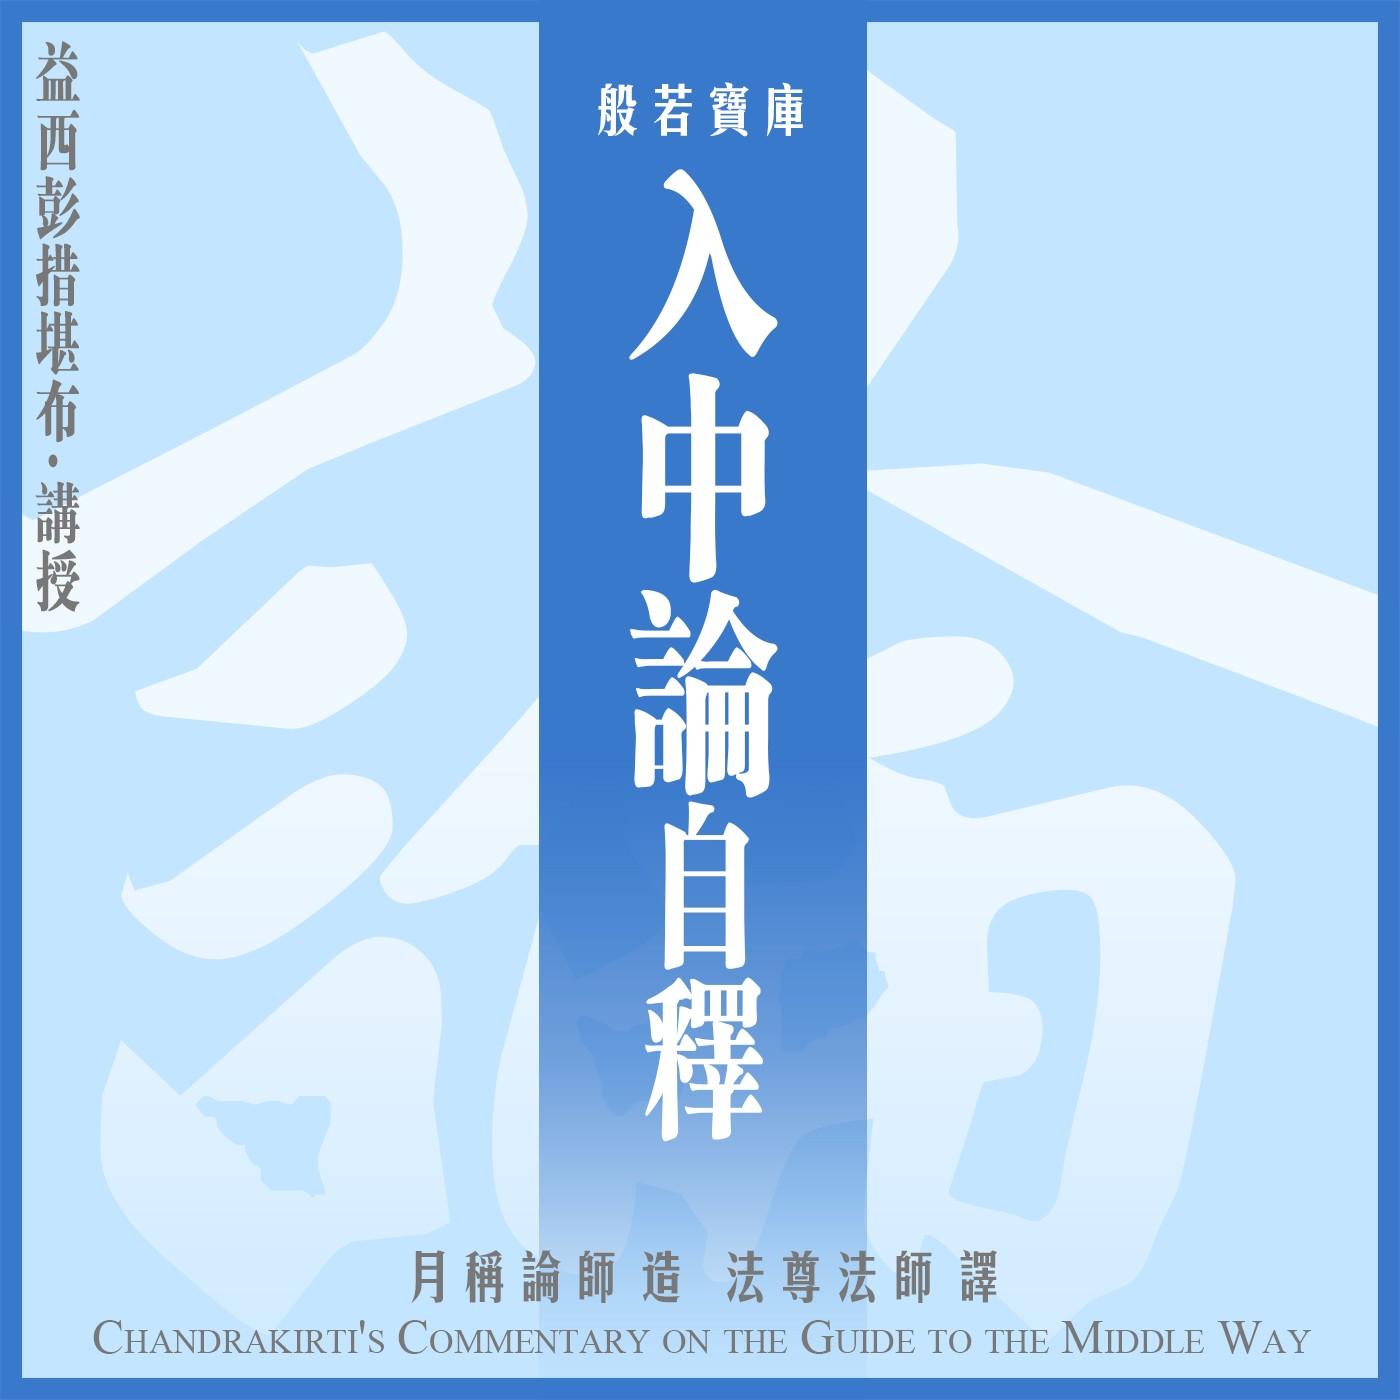 入中論自釋 第六菩提心現前地 -益西彭措堪布 講授